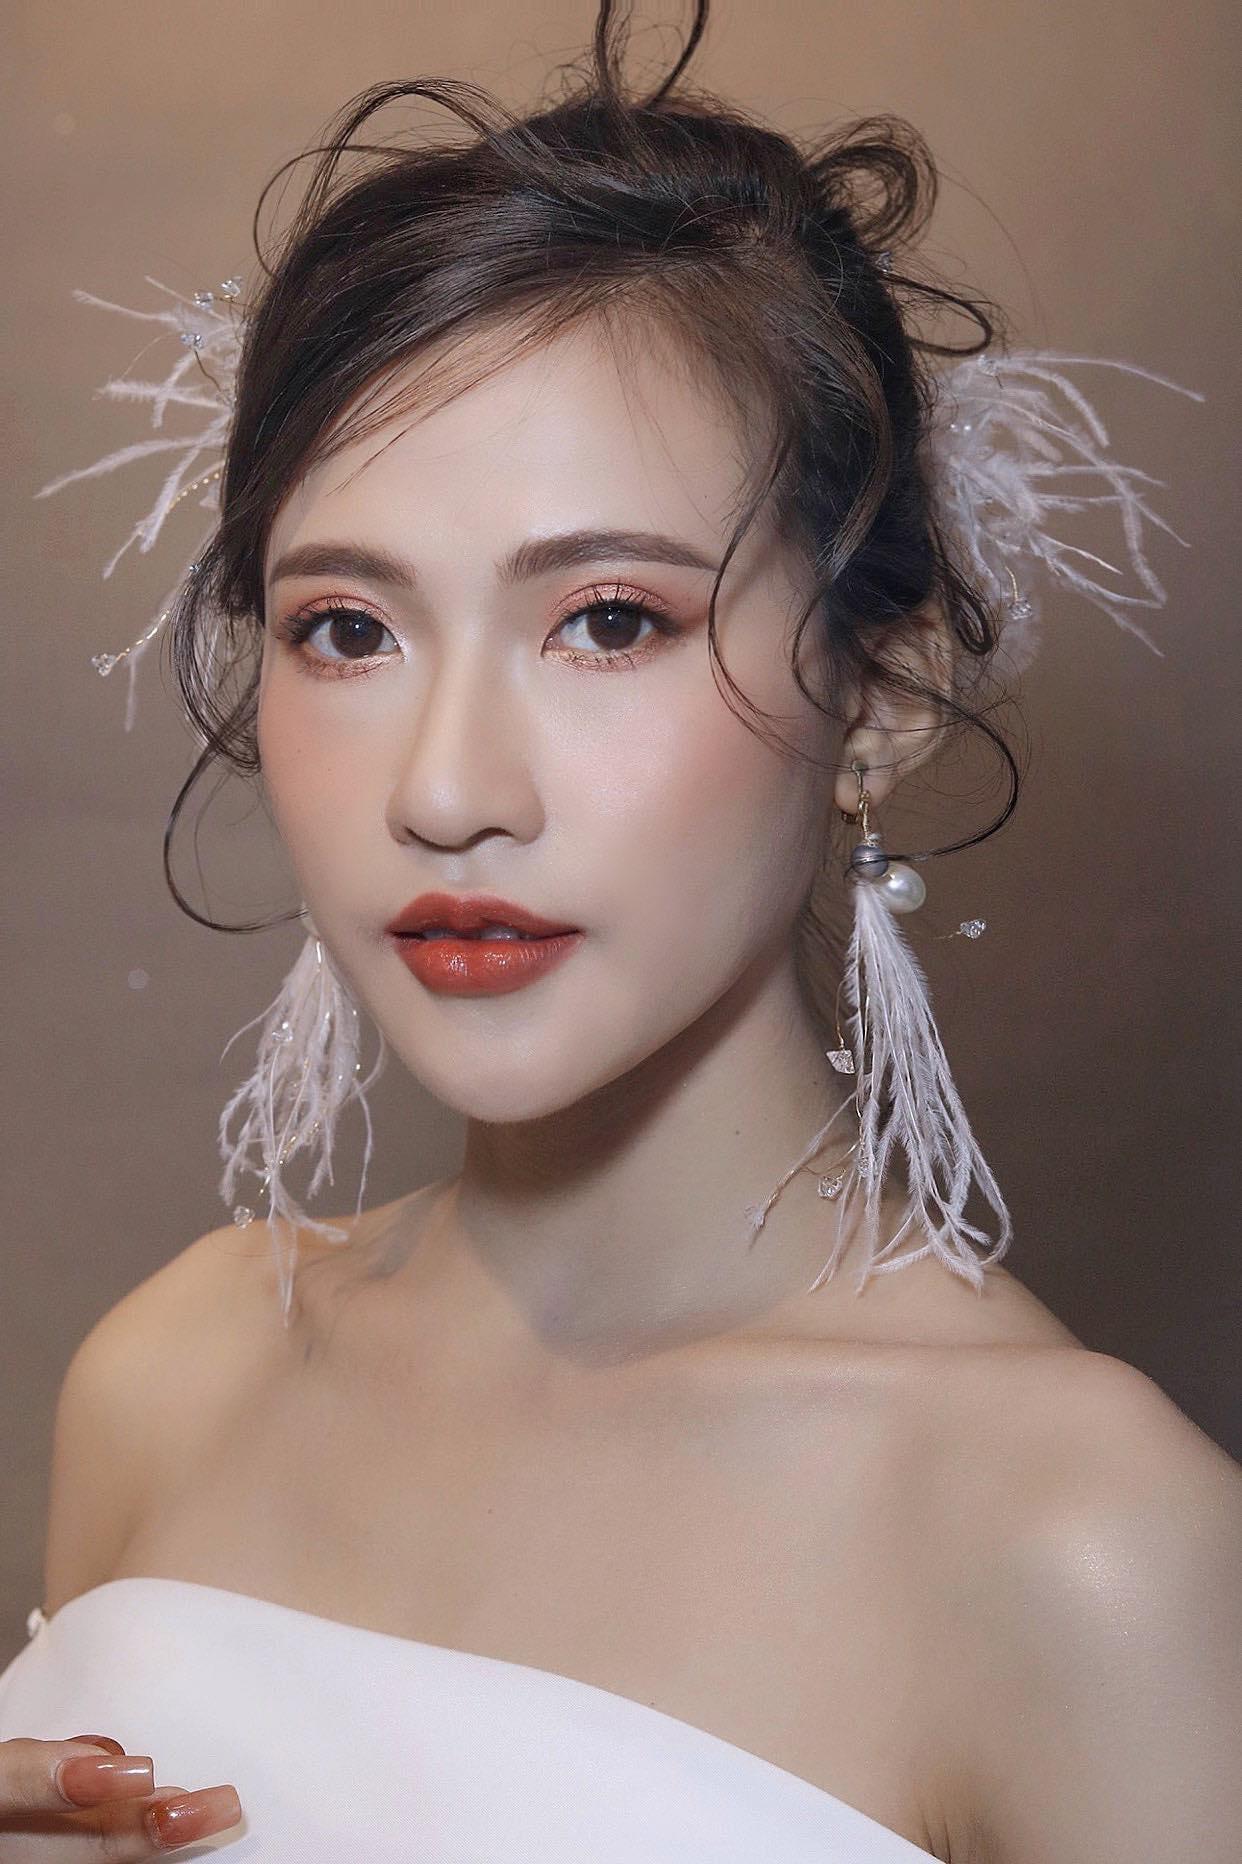 Top 6 tiệm trang điểm cô dâu đẹp nhất tại Bình Dương -  Đào Dương Thái Make up